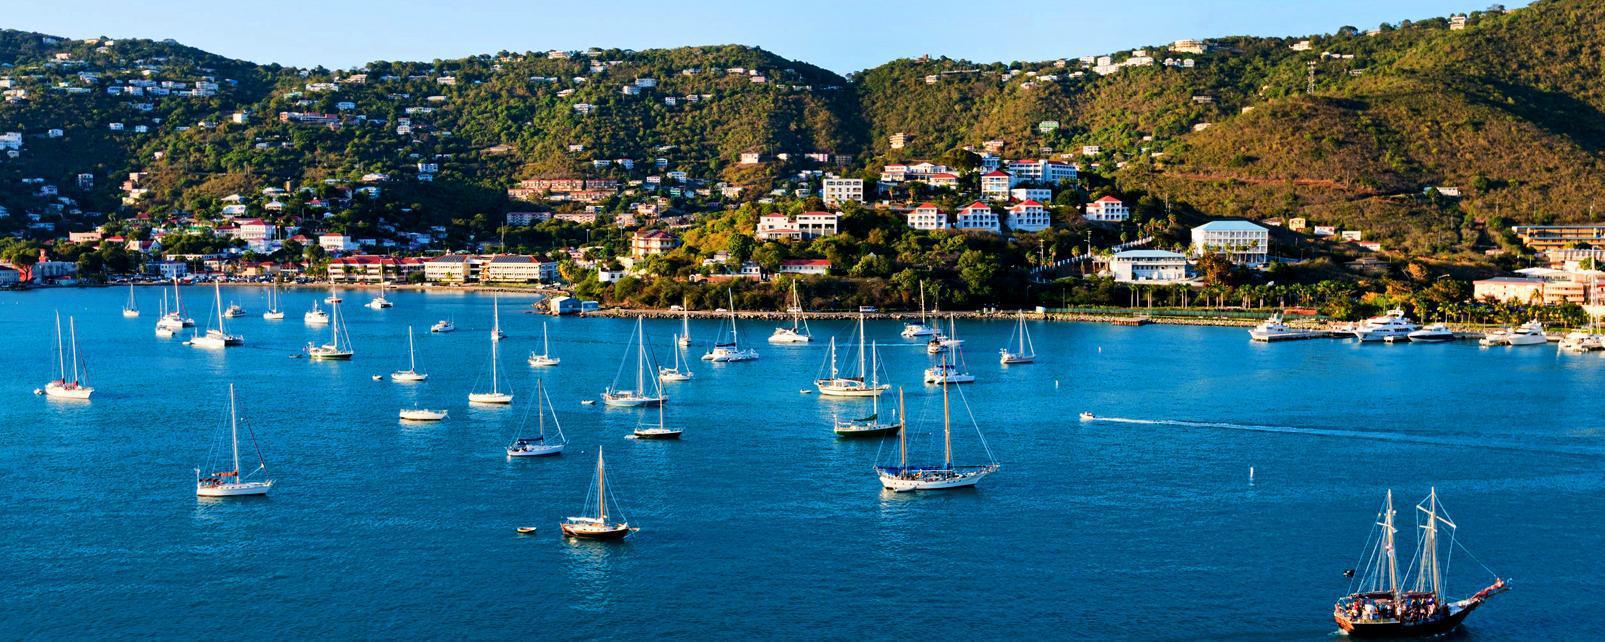 St Thomas virgen islas bailando